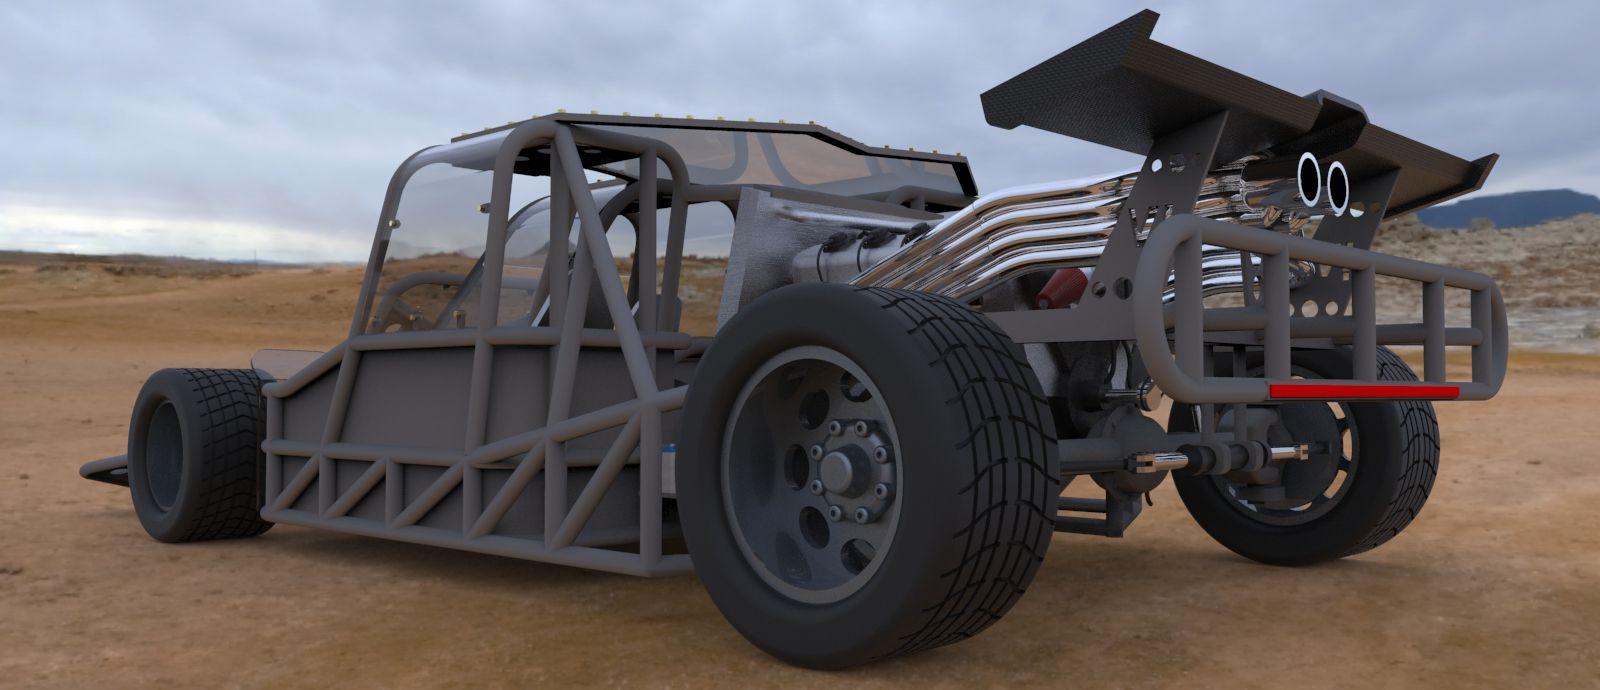 Ramp-car-vr-40-3500-3500